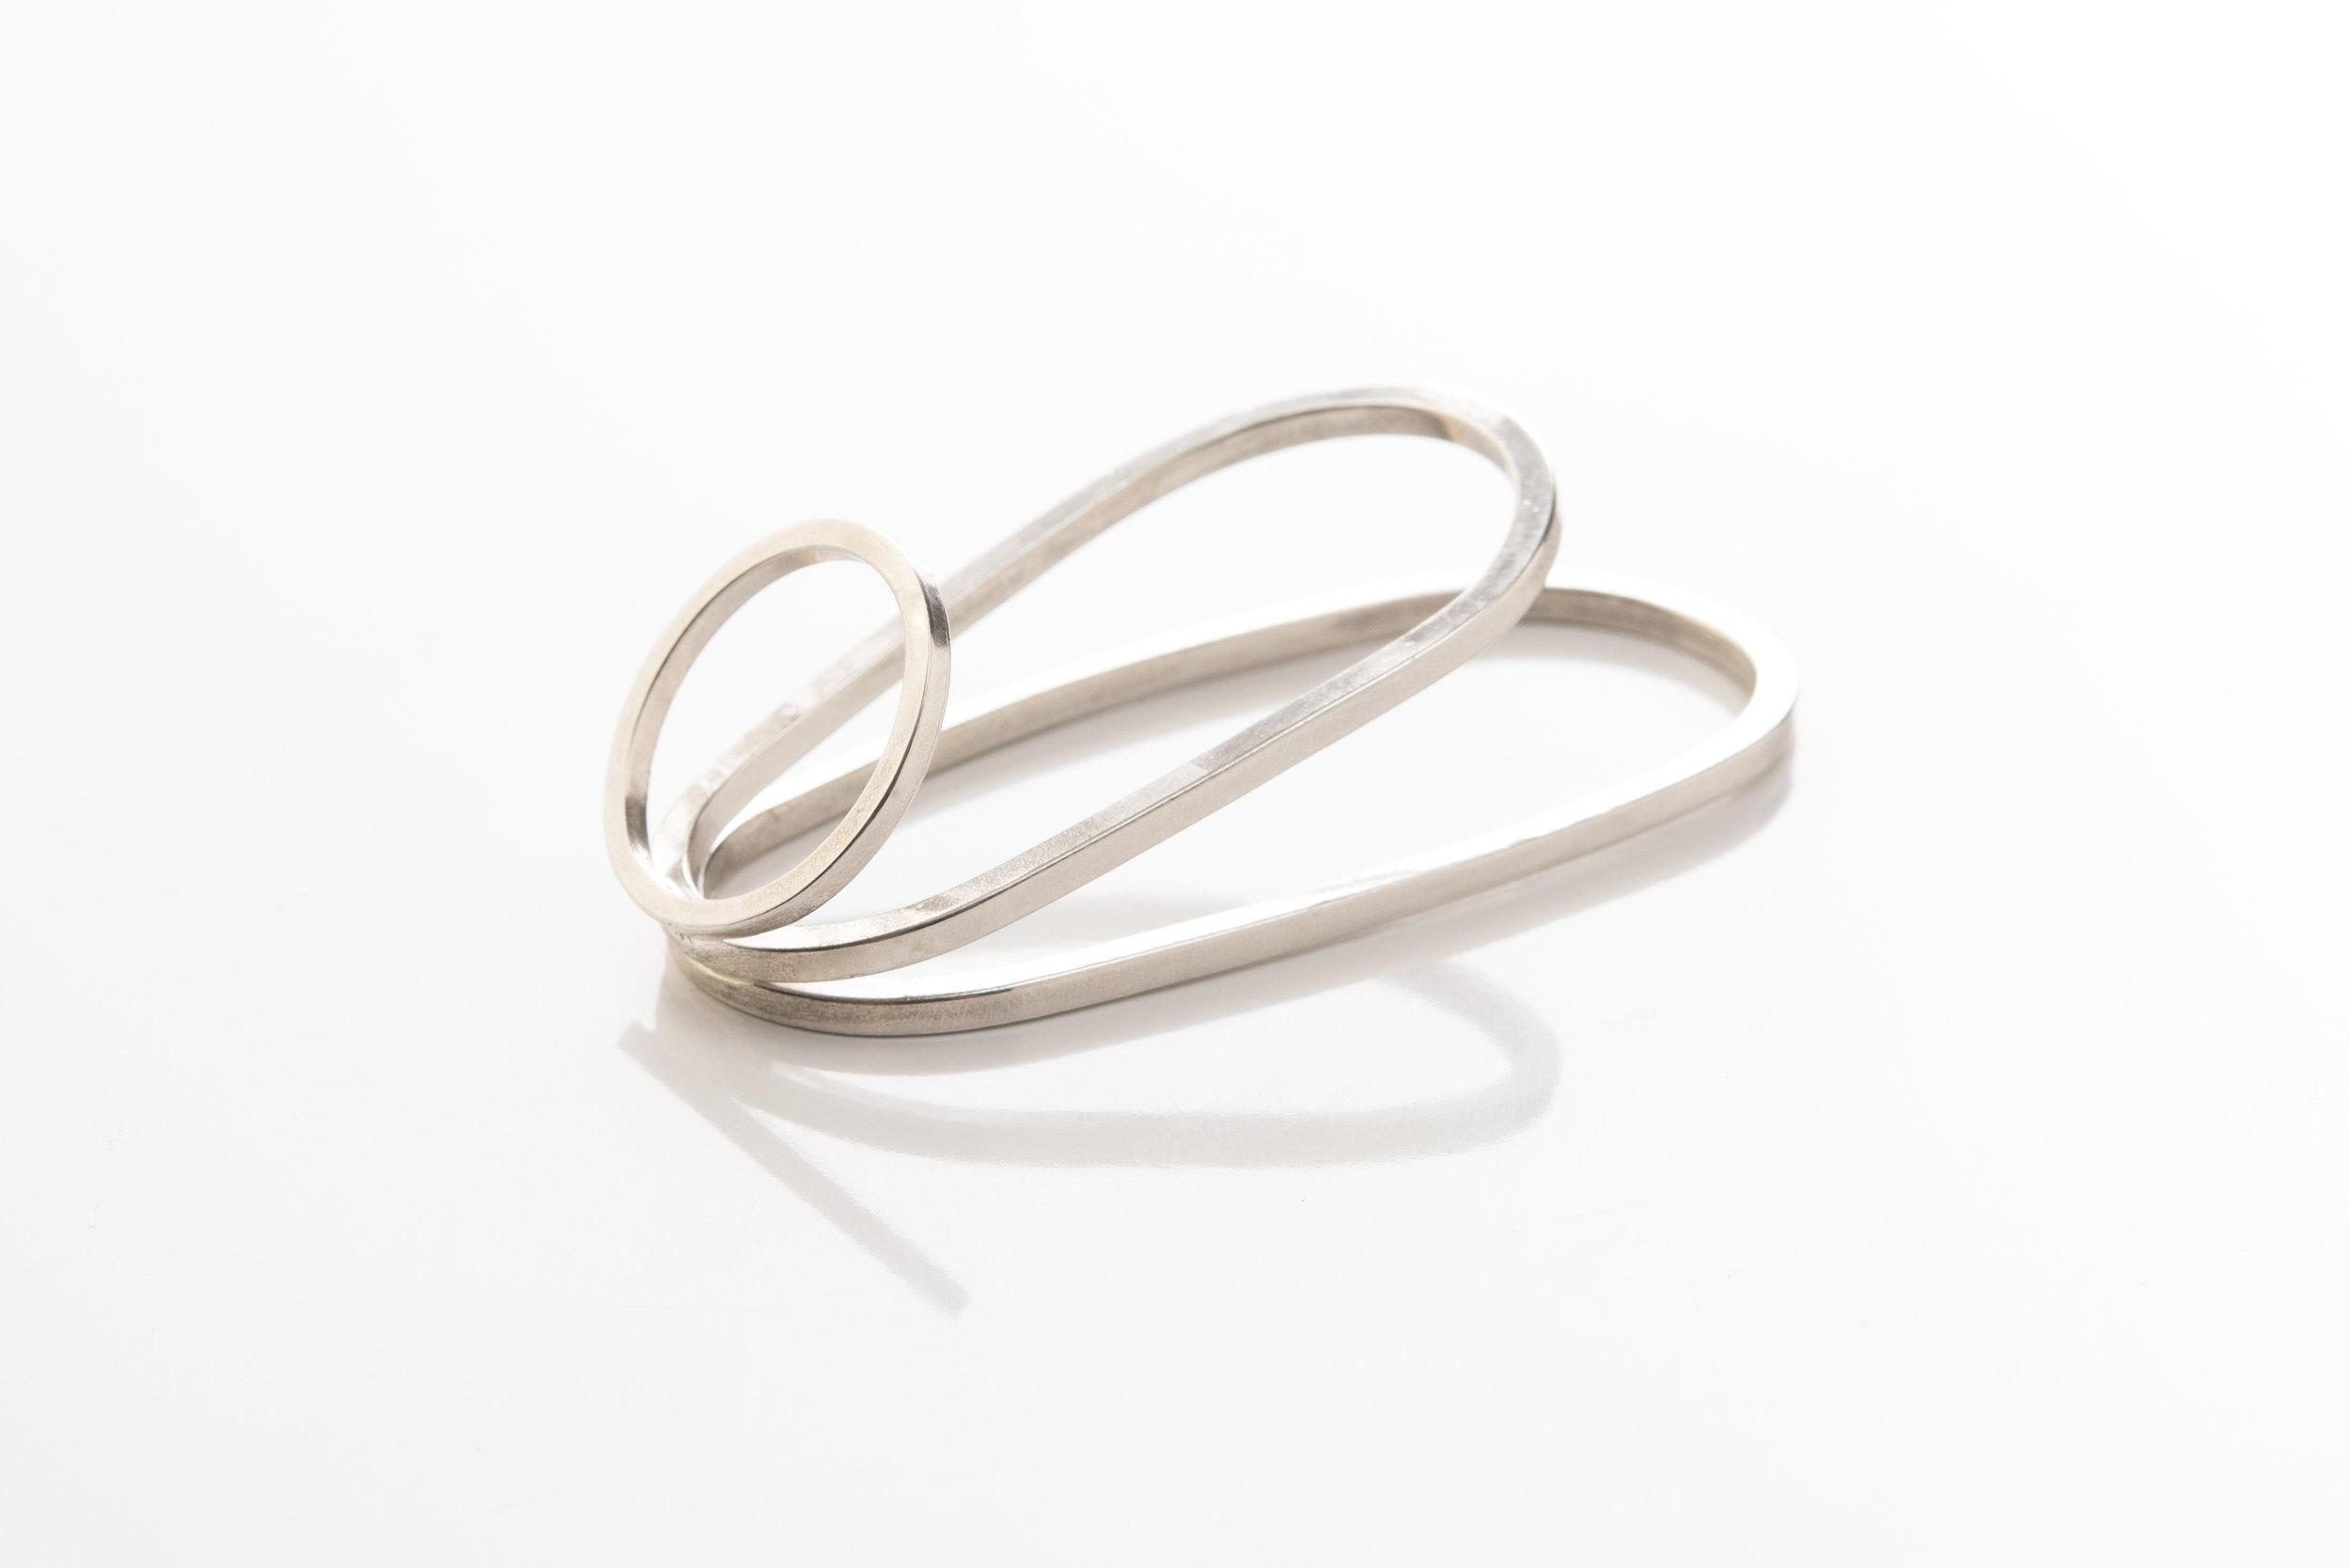 17_Ulterior_triple band double finger ring.jpg